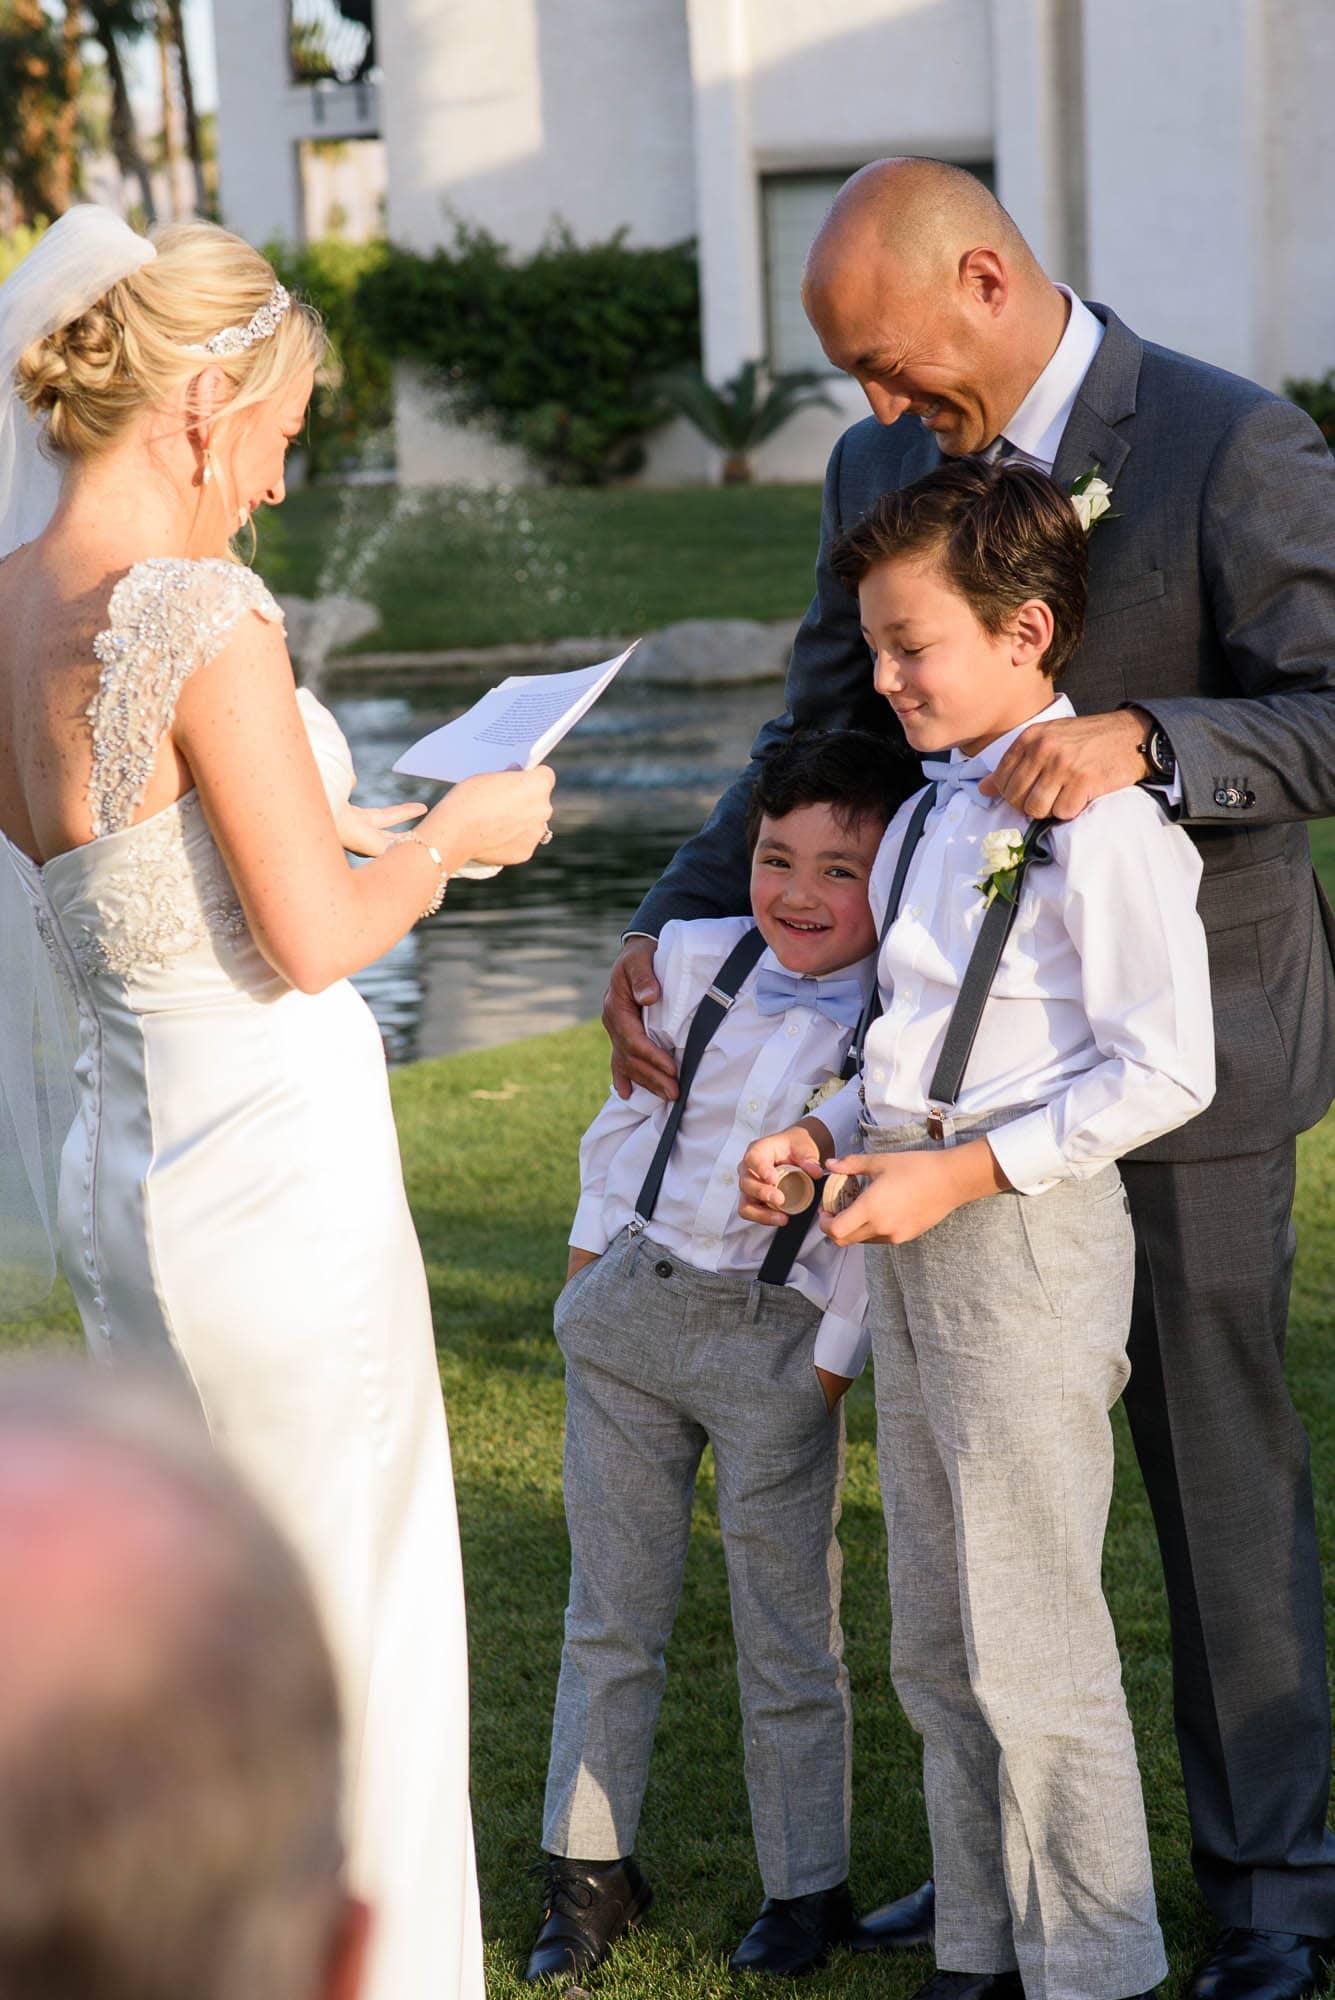 039_Alan_and_Heidi_Wedding_Amanda_Chad